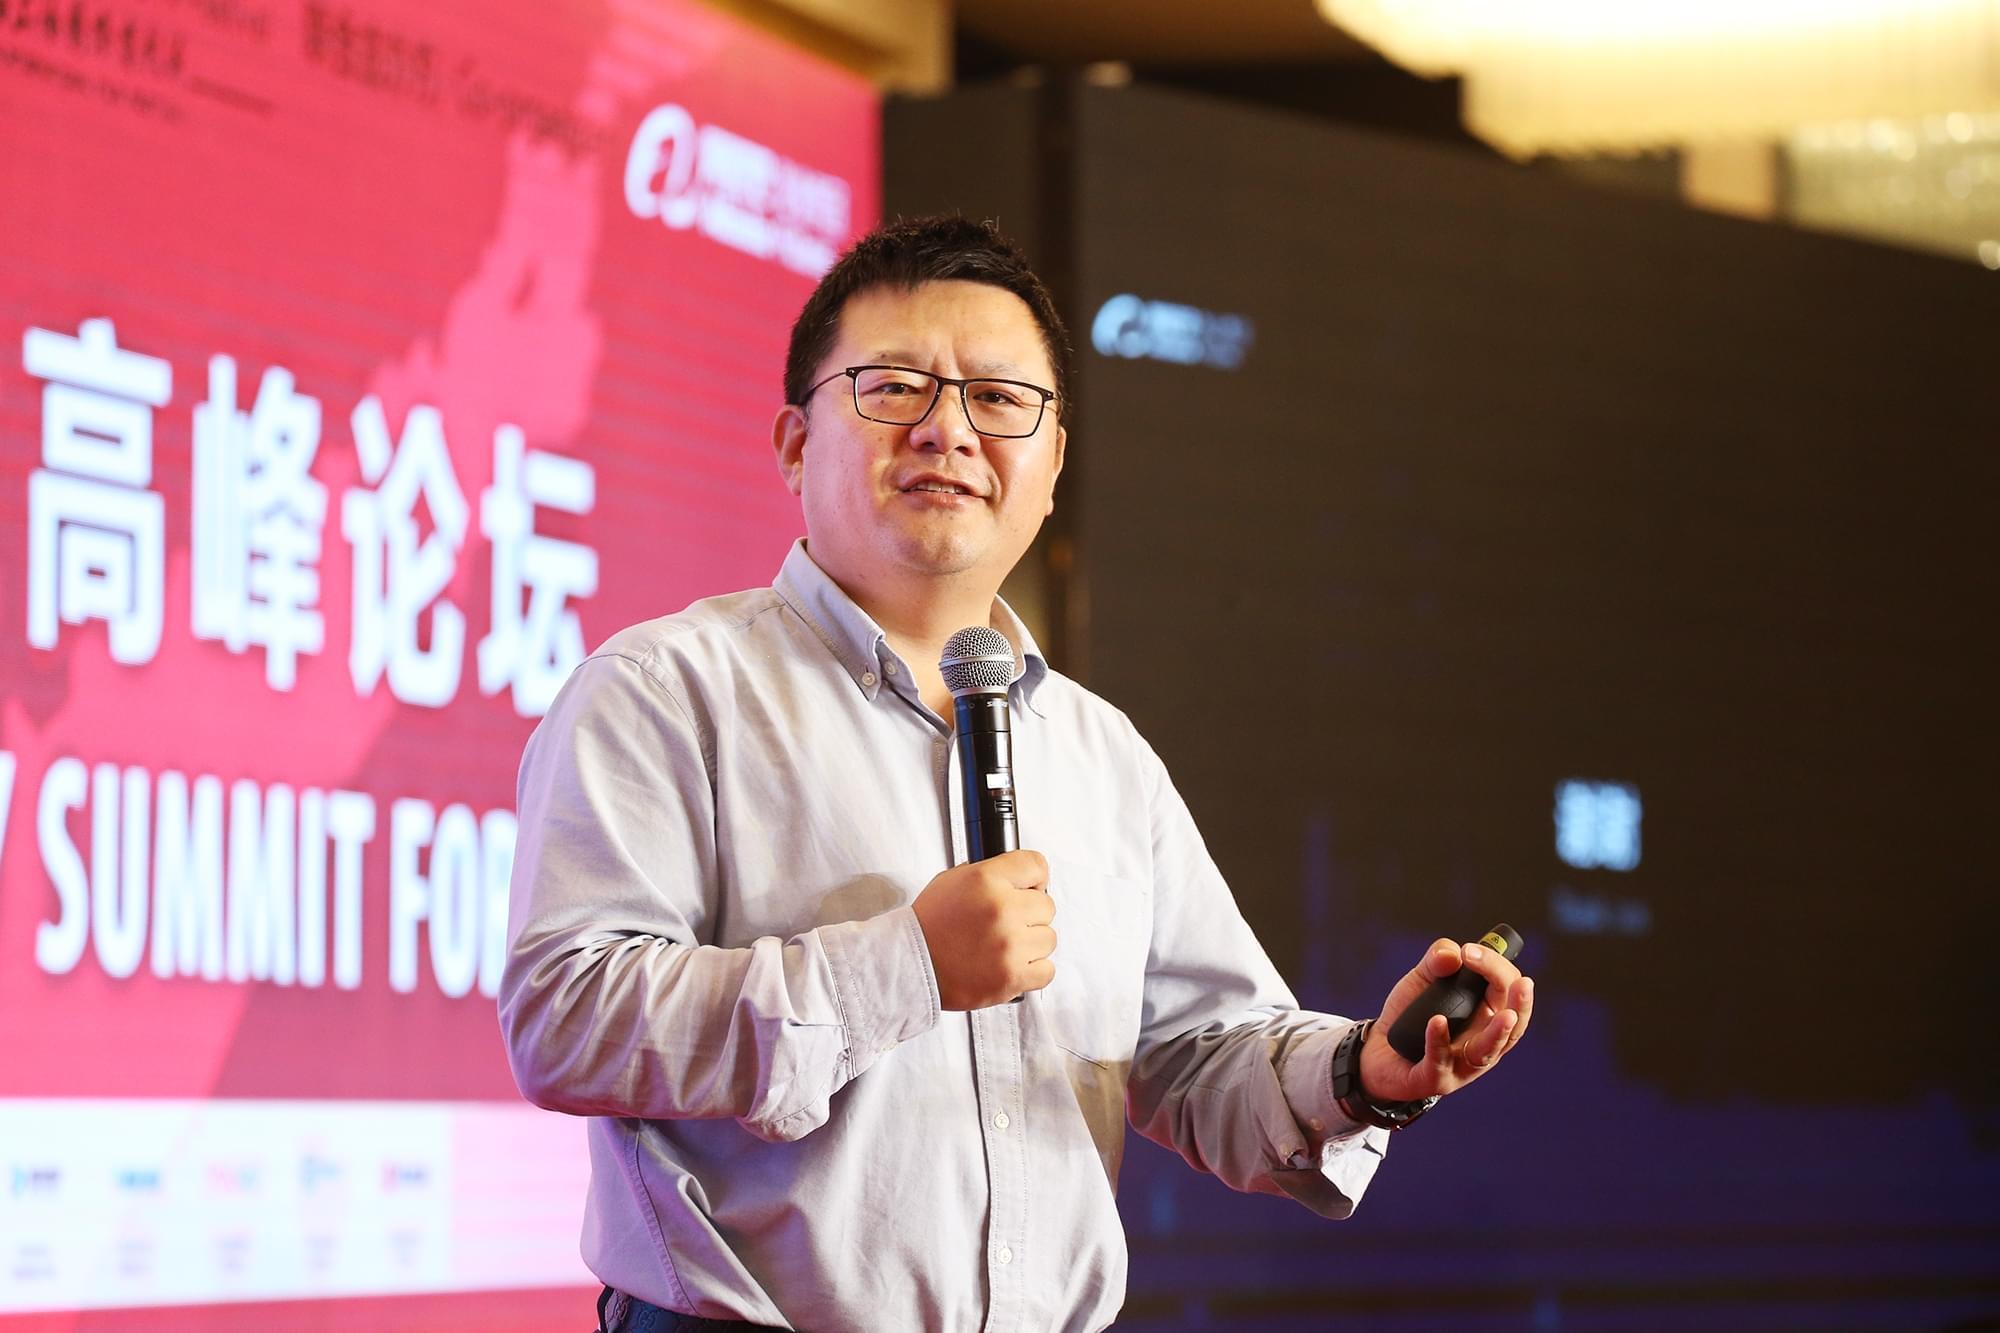 传阿里文娱董事长俞永福离职创业 阿里:不予置评